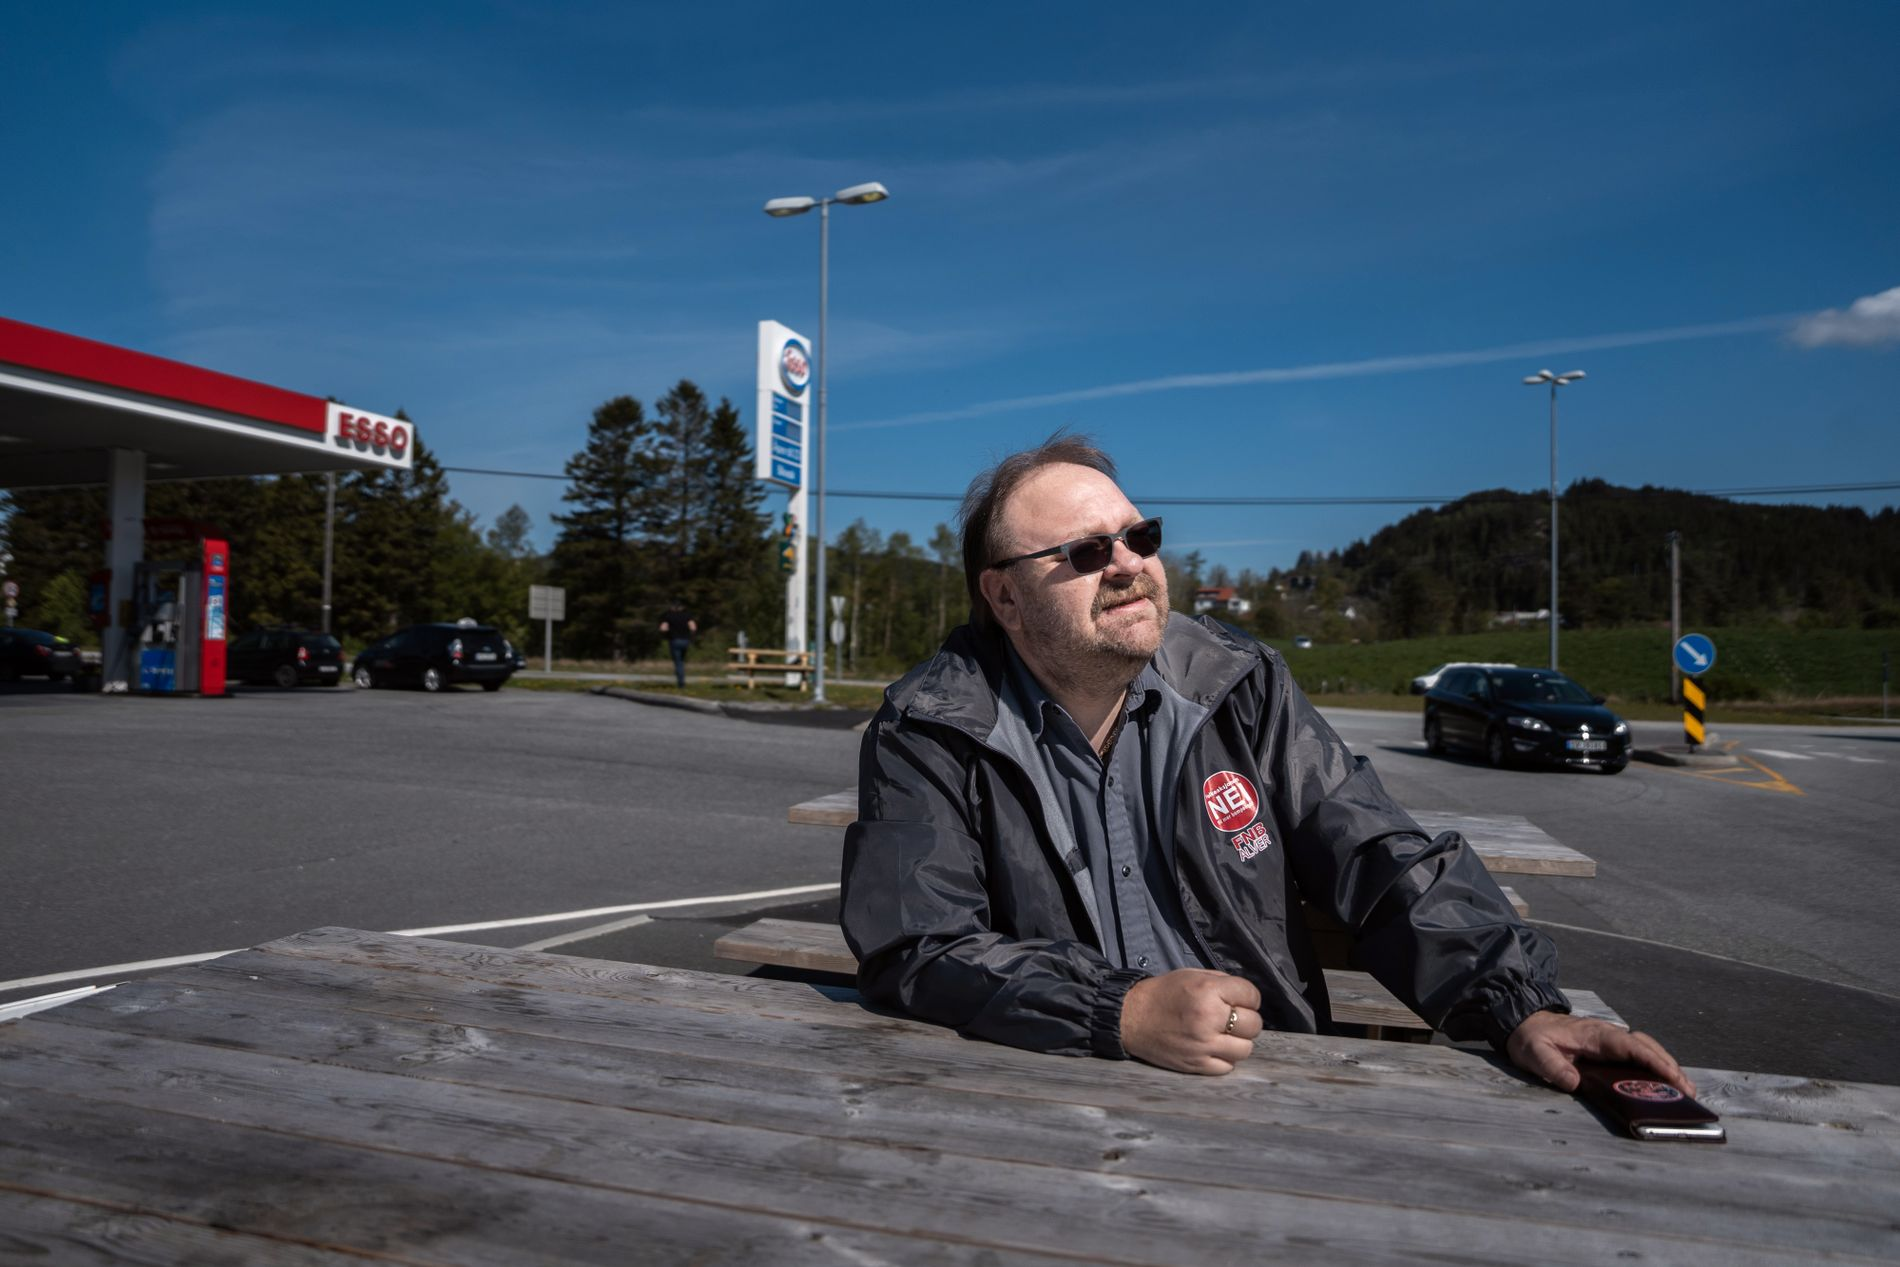 PROTEST: Morten Klementsen i Folkeaksjonen nei til mer bompenger (FNB) knivar om å bli størst i Alver kommune.